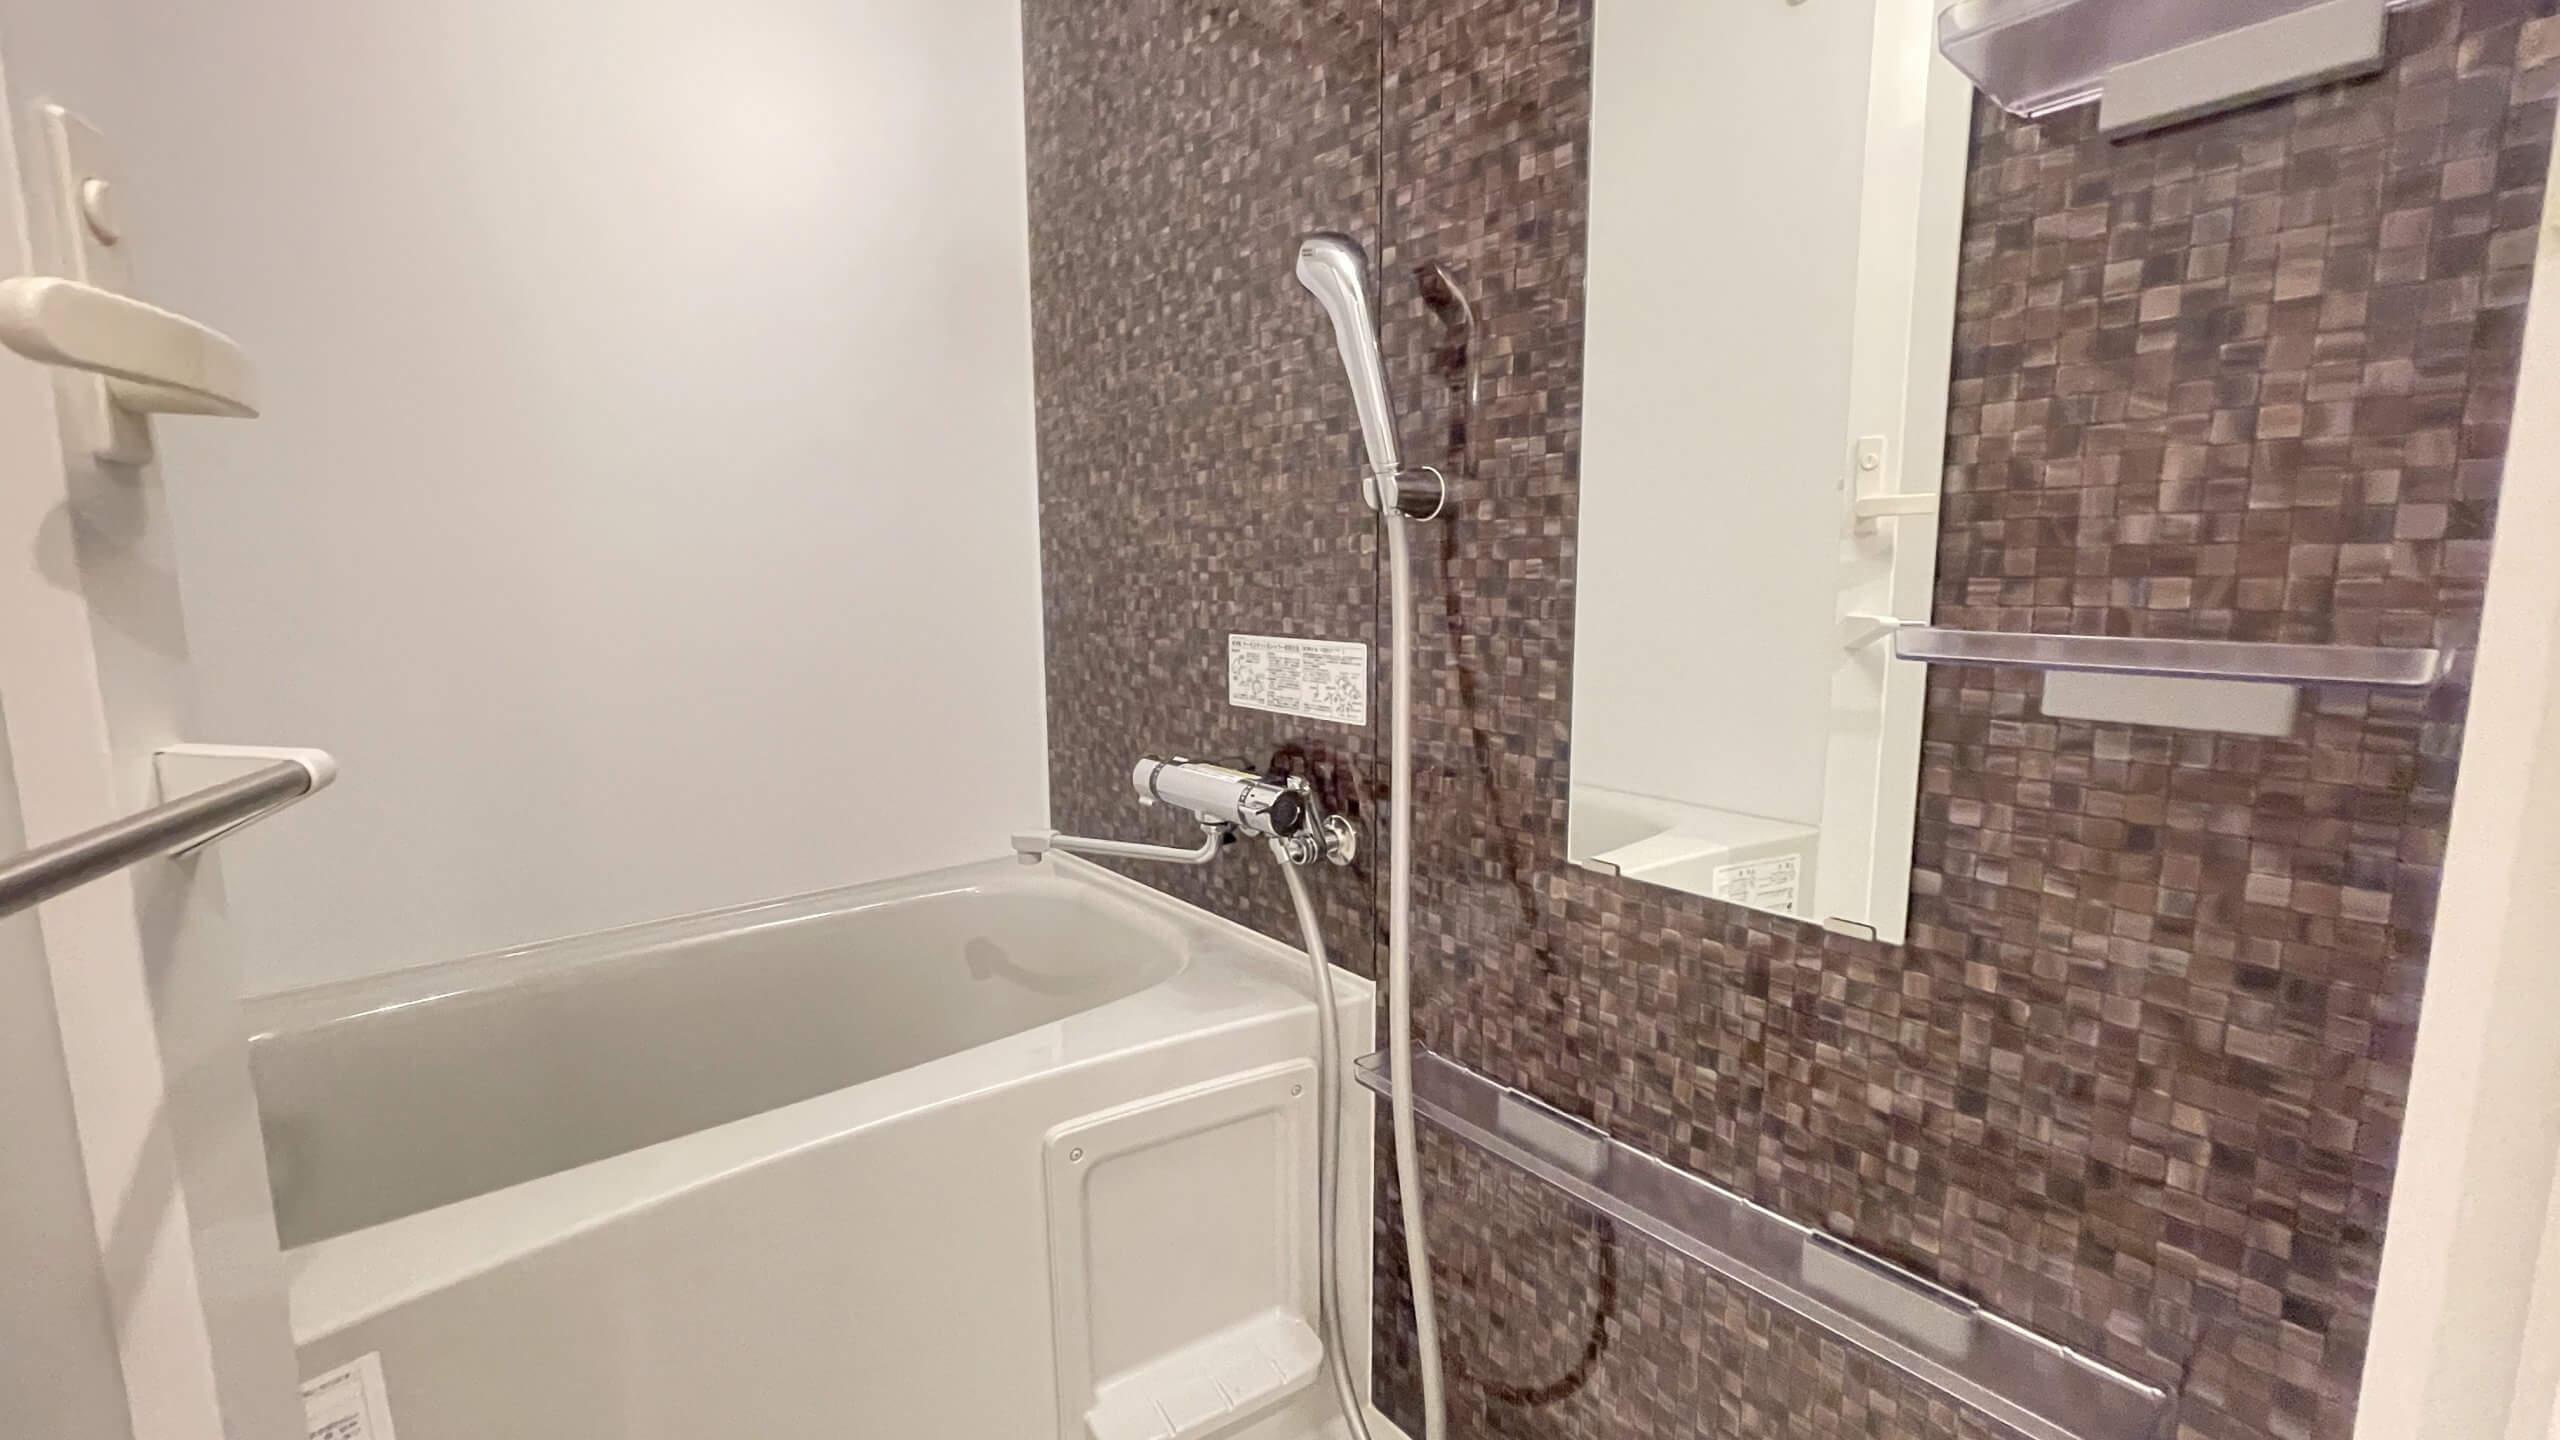 お風呂でございますにゃ。一人暮らし用にしては何気に棚が充実。。。